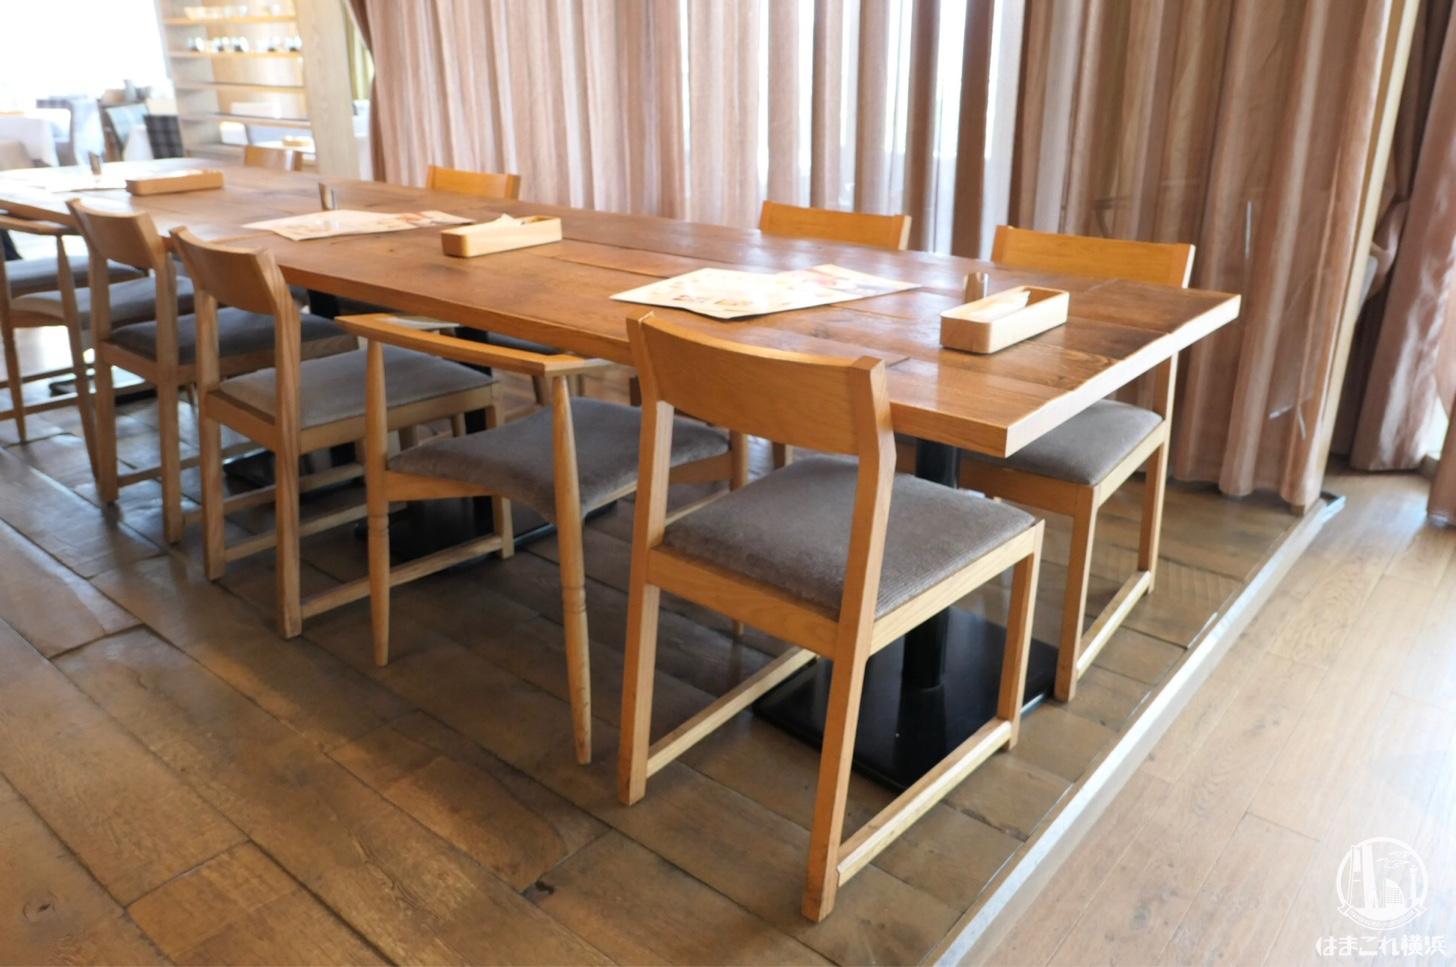 グループ向けの長テーブル